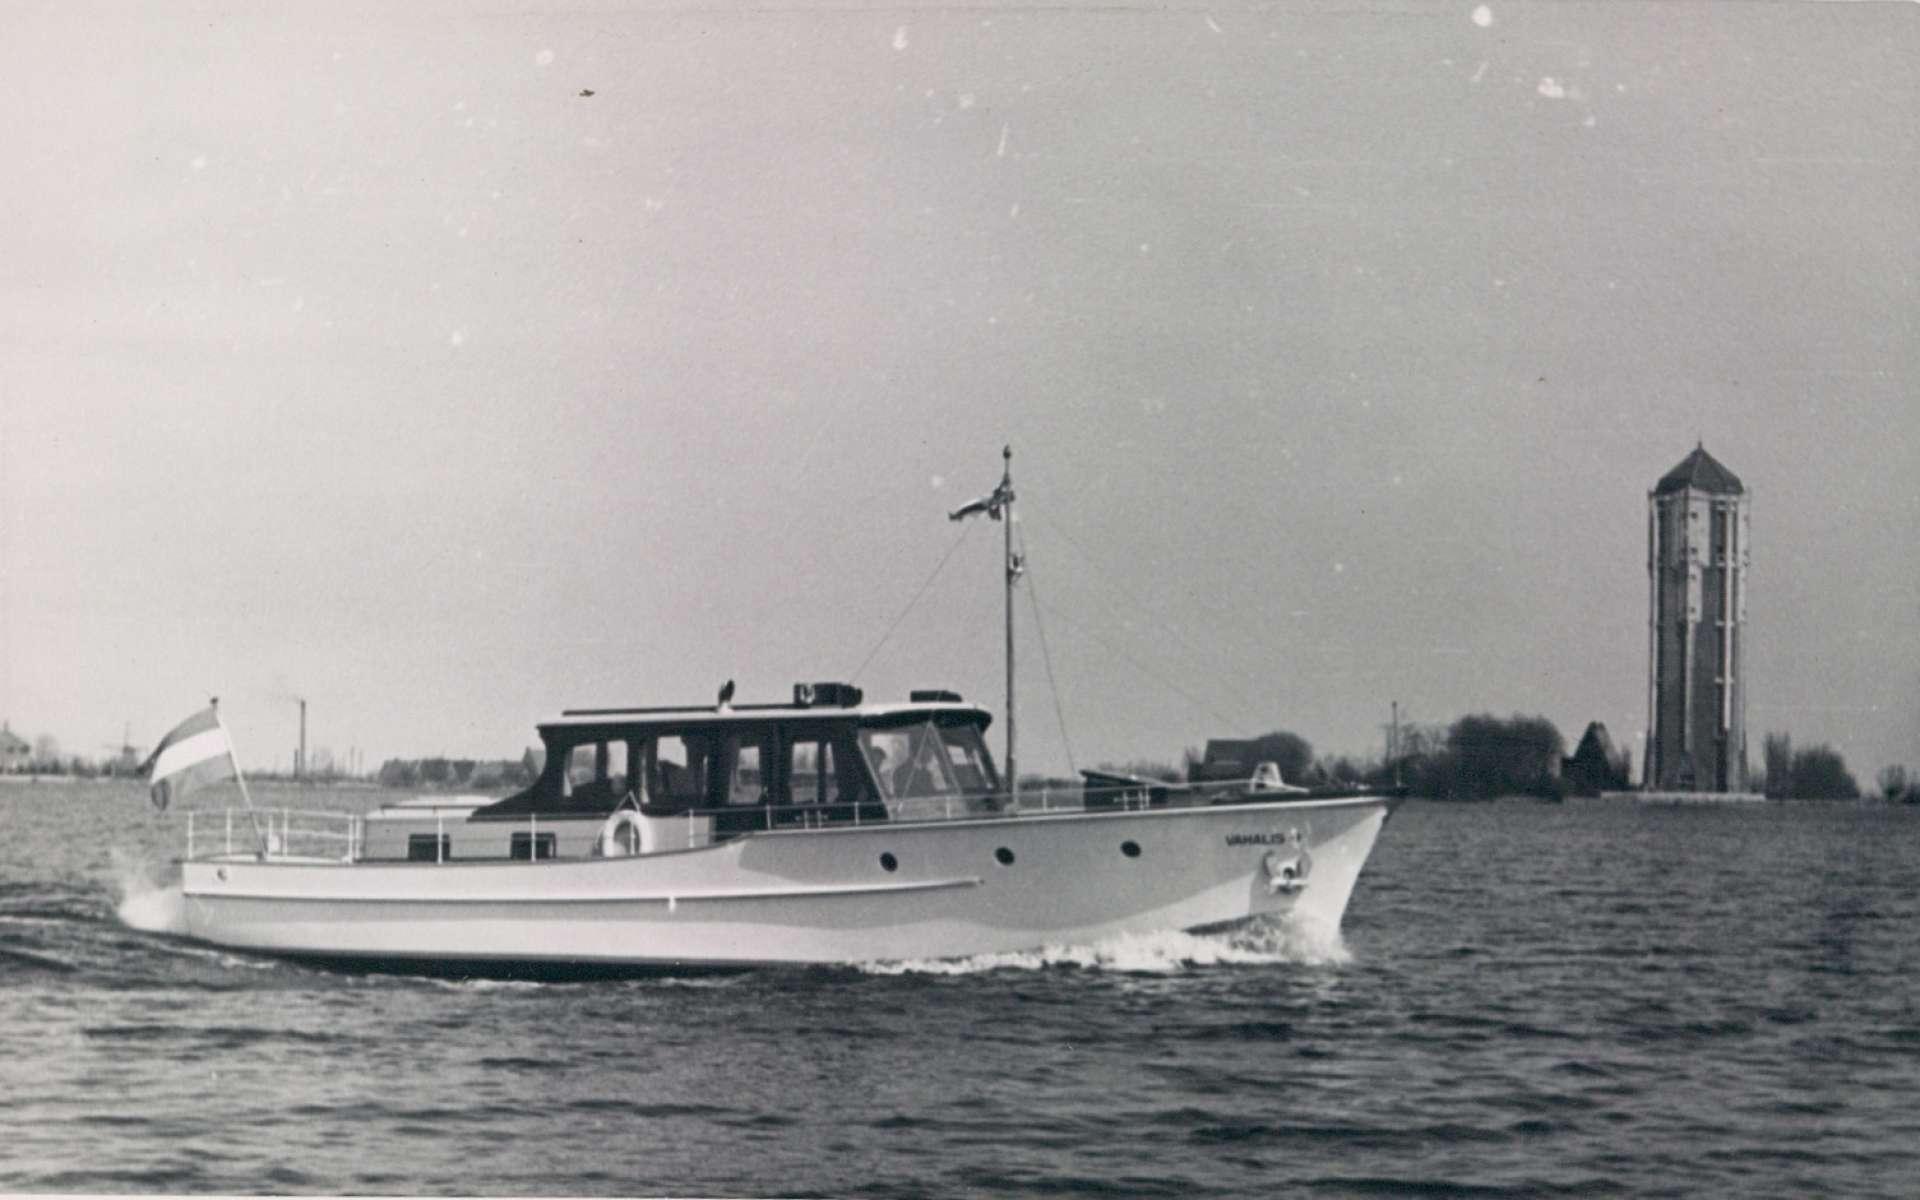 Vahalis II